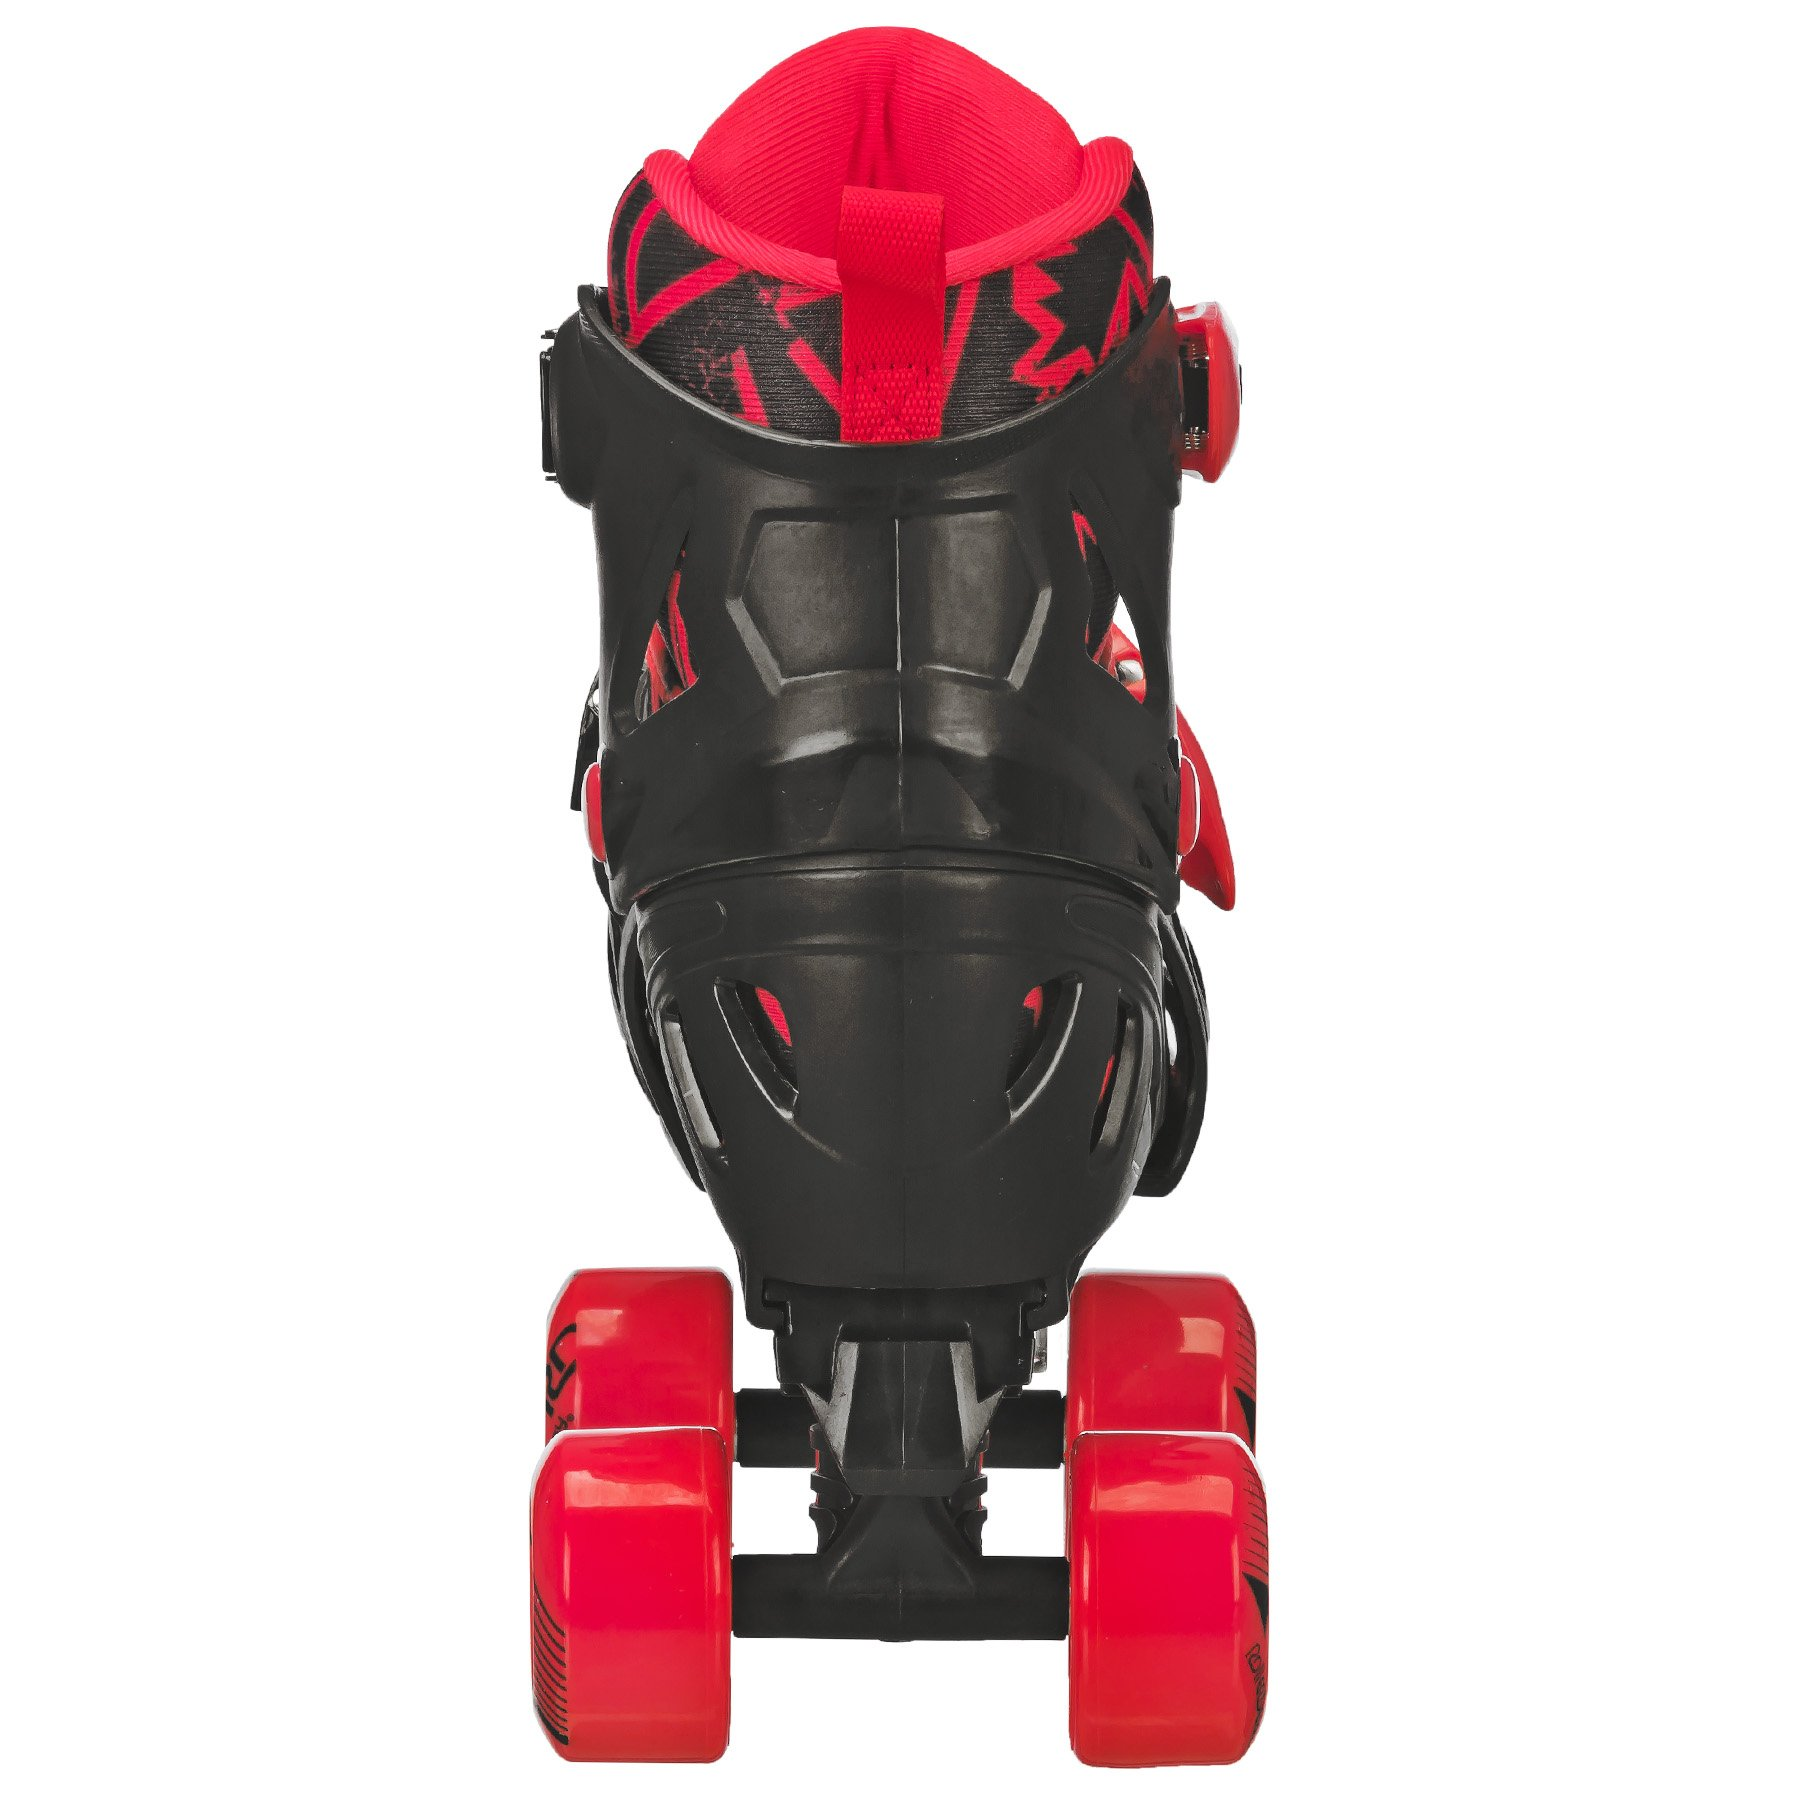 Roller Derby Trac Star Boy's Adjustable Roller Skate, Grey/Black/Red, Large (3-6) by Roller Derby (Image #2)